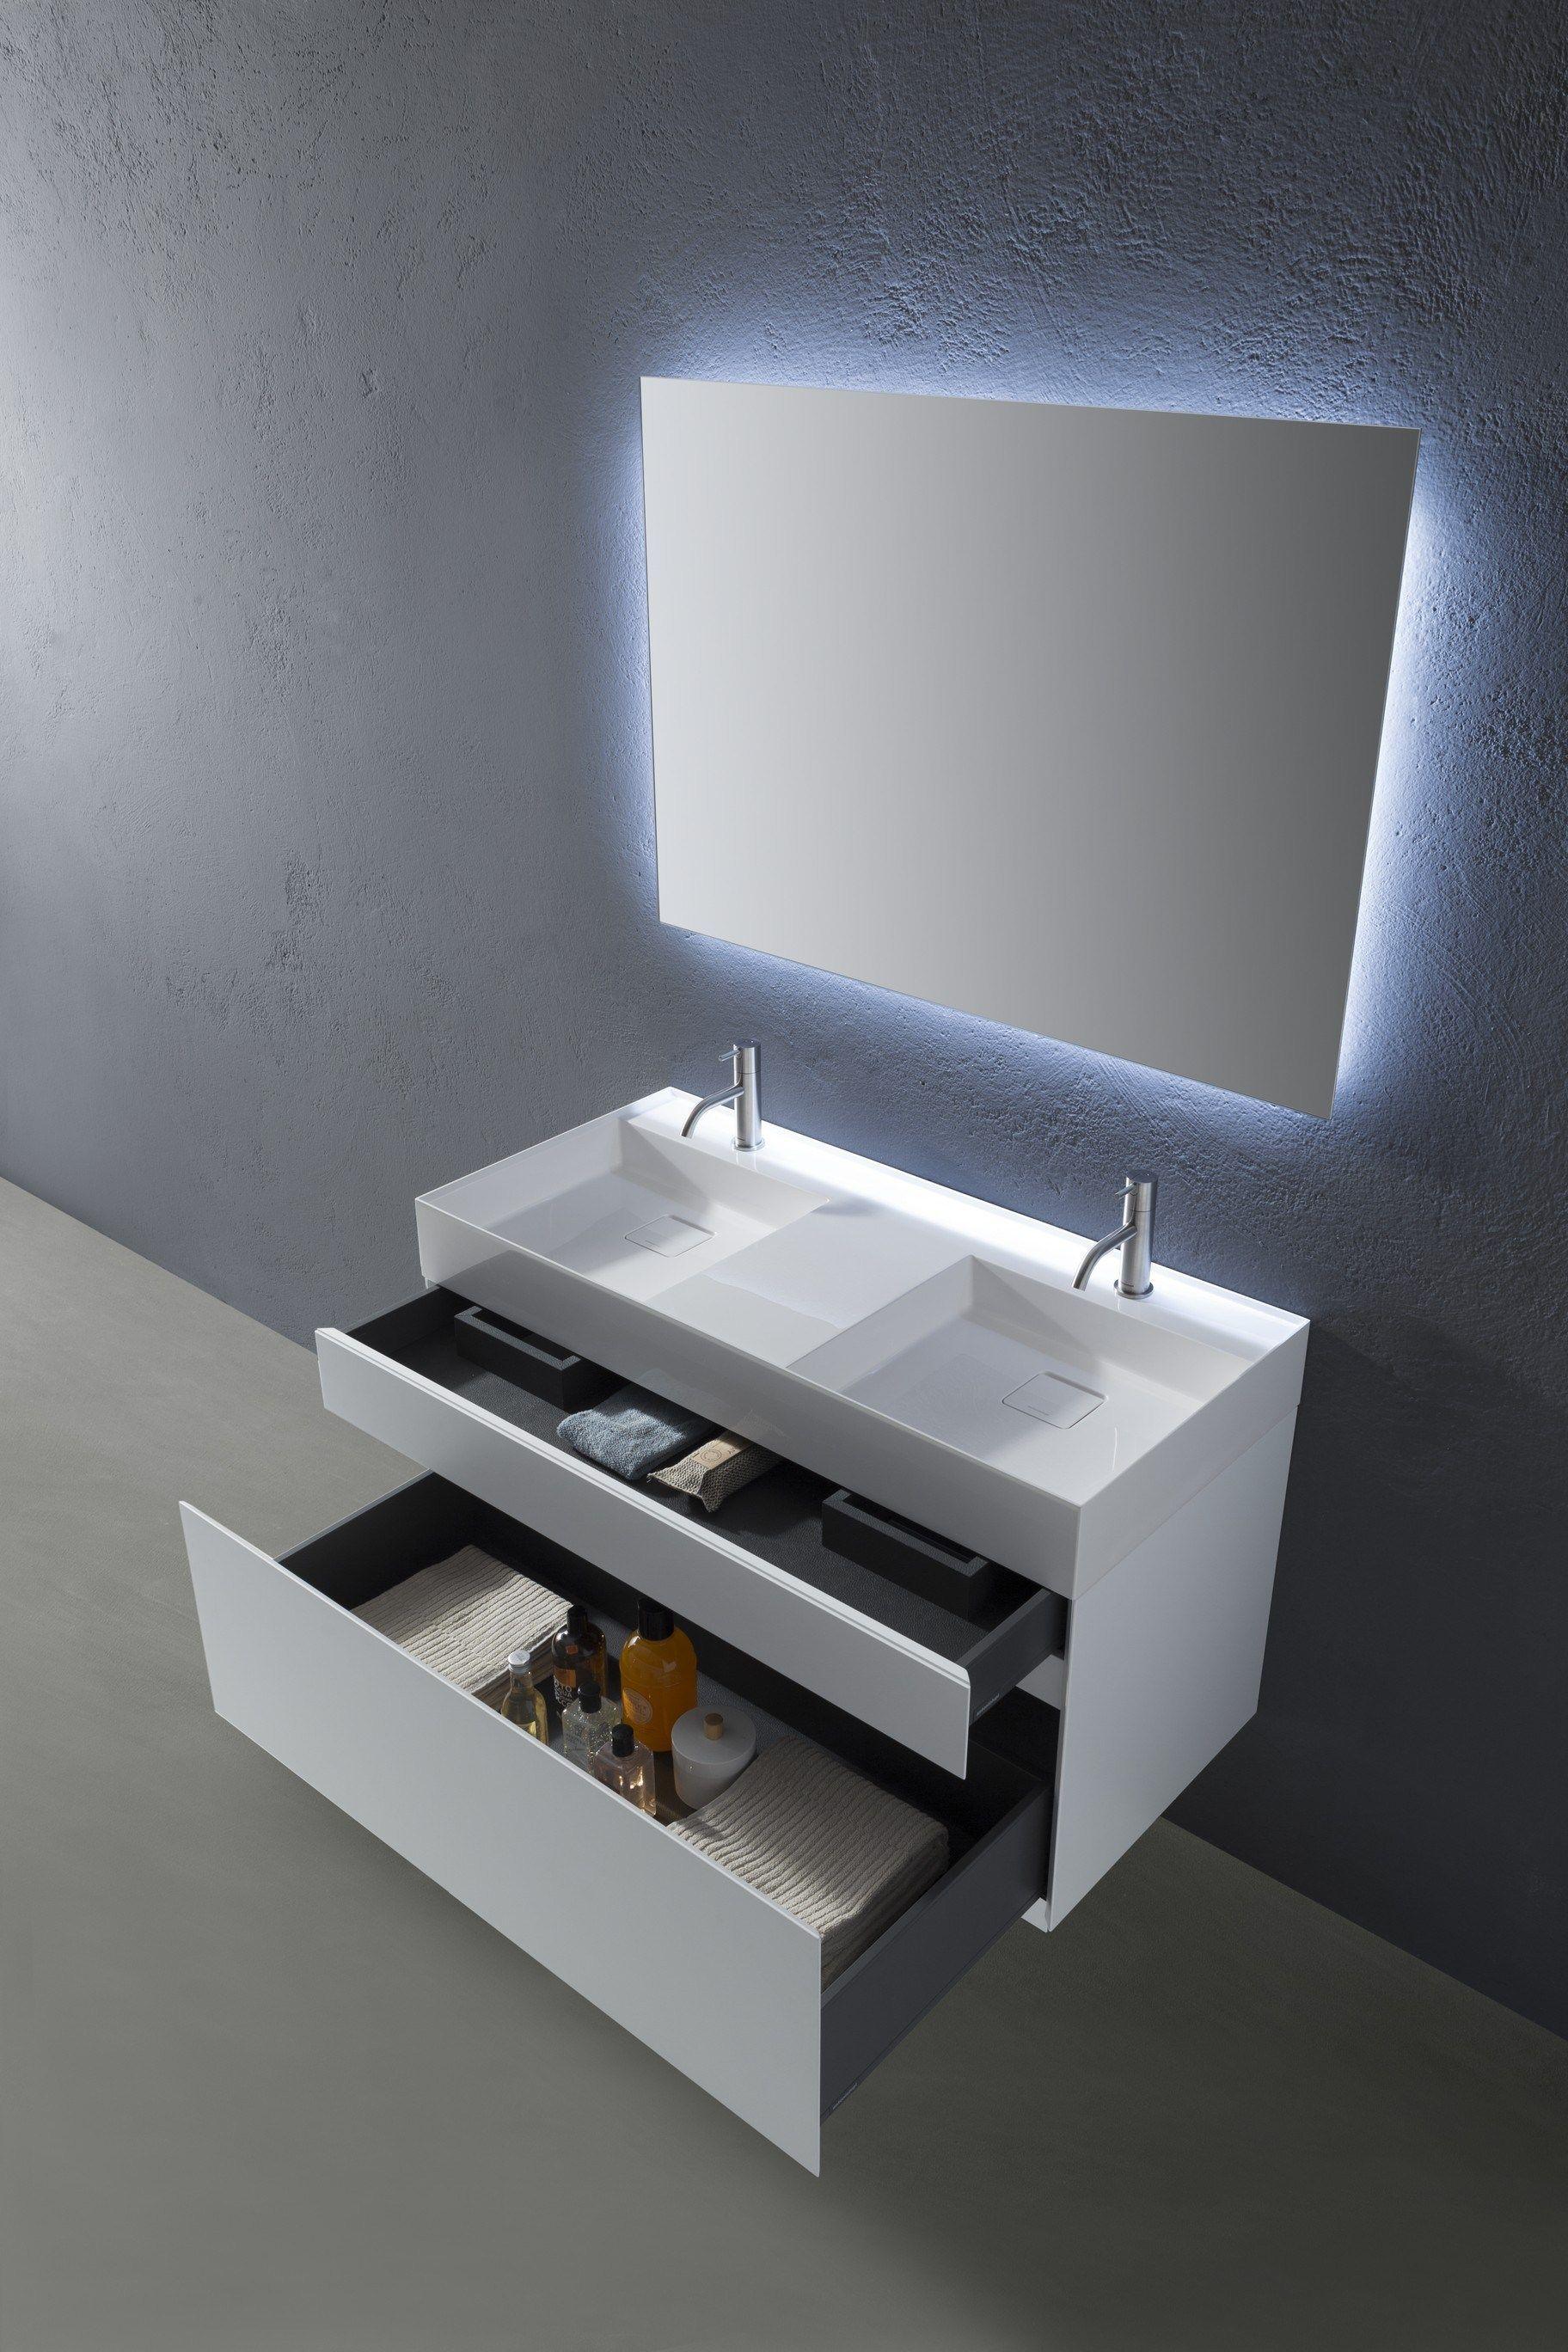 Graffio waschtischunterschrank by antonio lupi design for Design waschtischunterschrank